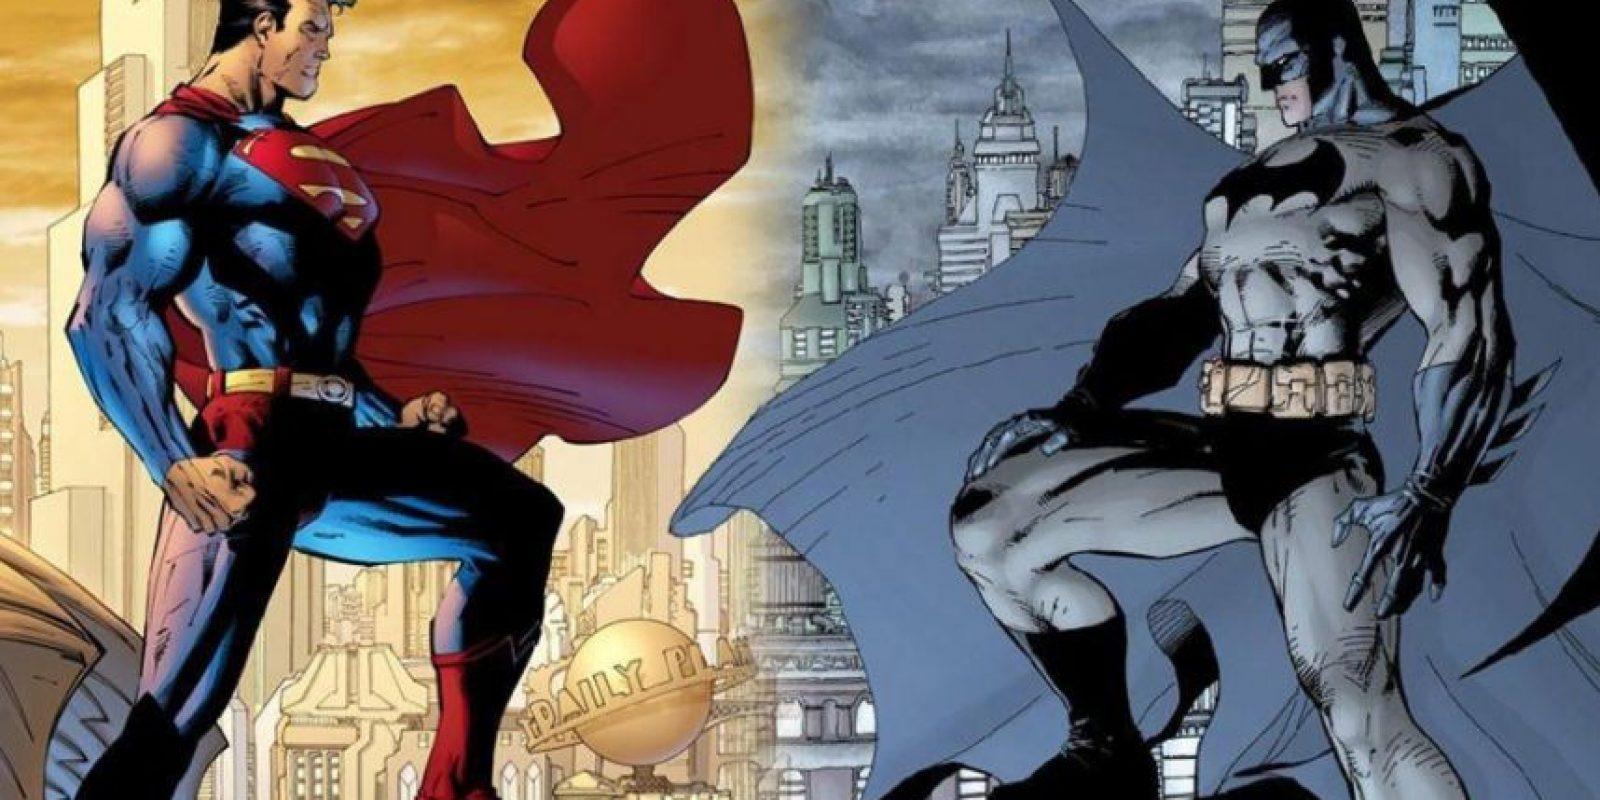 """Este tráiler solo aumenta la expectativa que se tiene ante una película que podría ser un claro contrapeso a """"Los Vengadores"""" de Marvel. Foto:vía Tumblr/BatmanvsSuperman"""